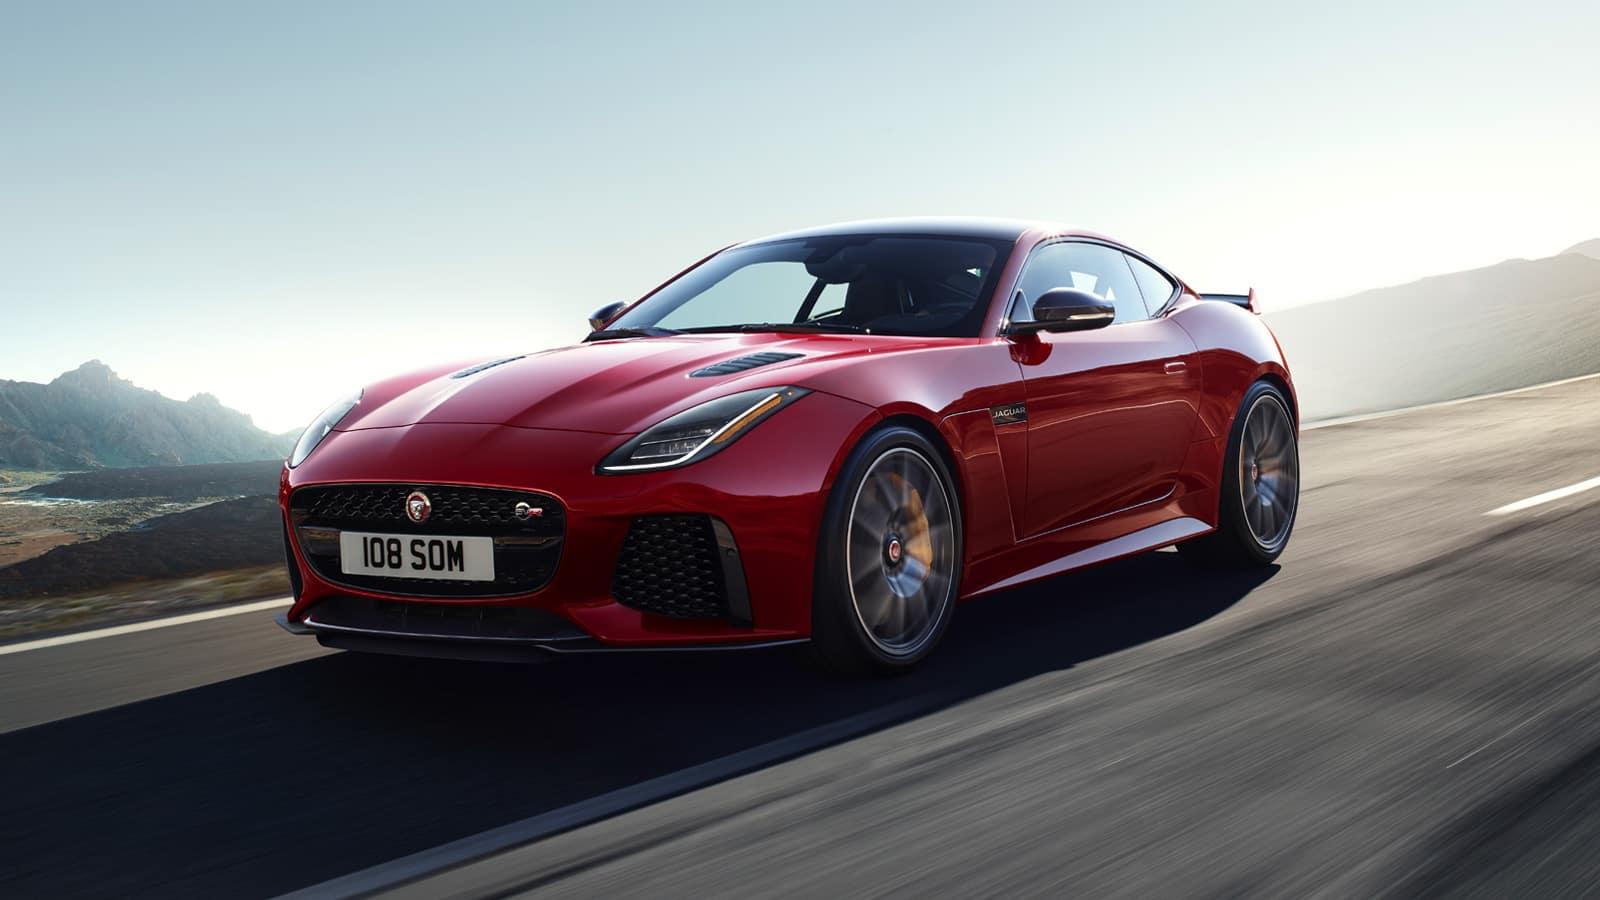 2020 Jaguar F Type Performance Features Jaguar Monmouth